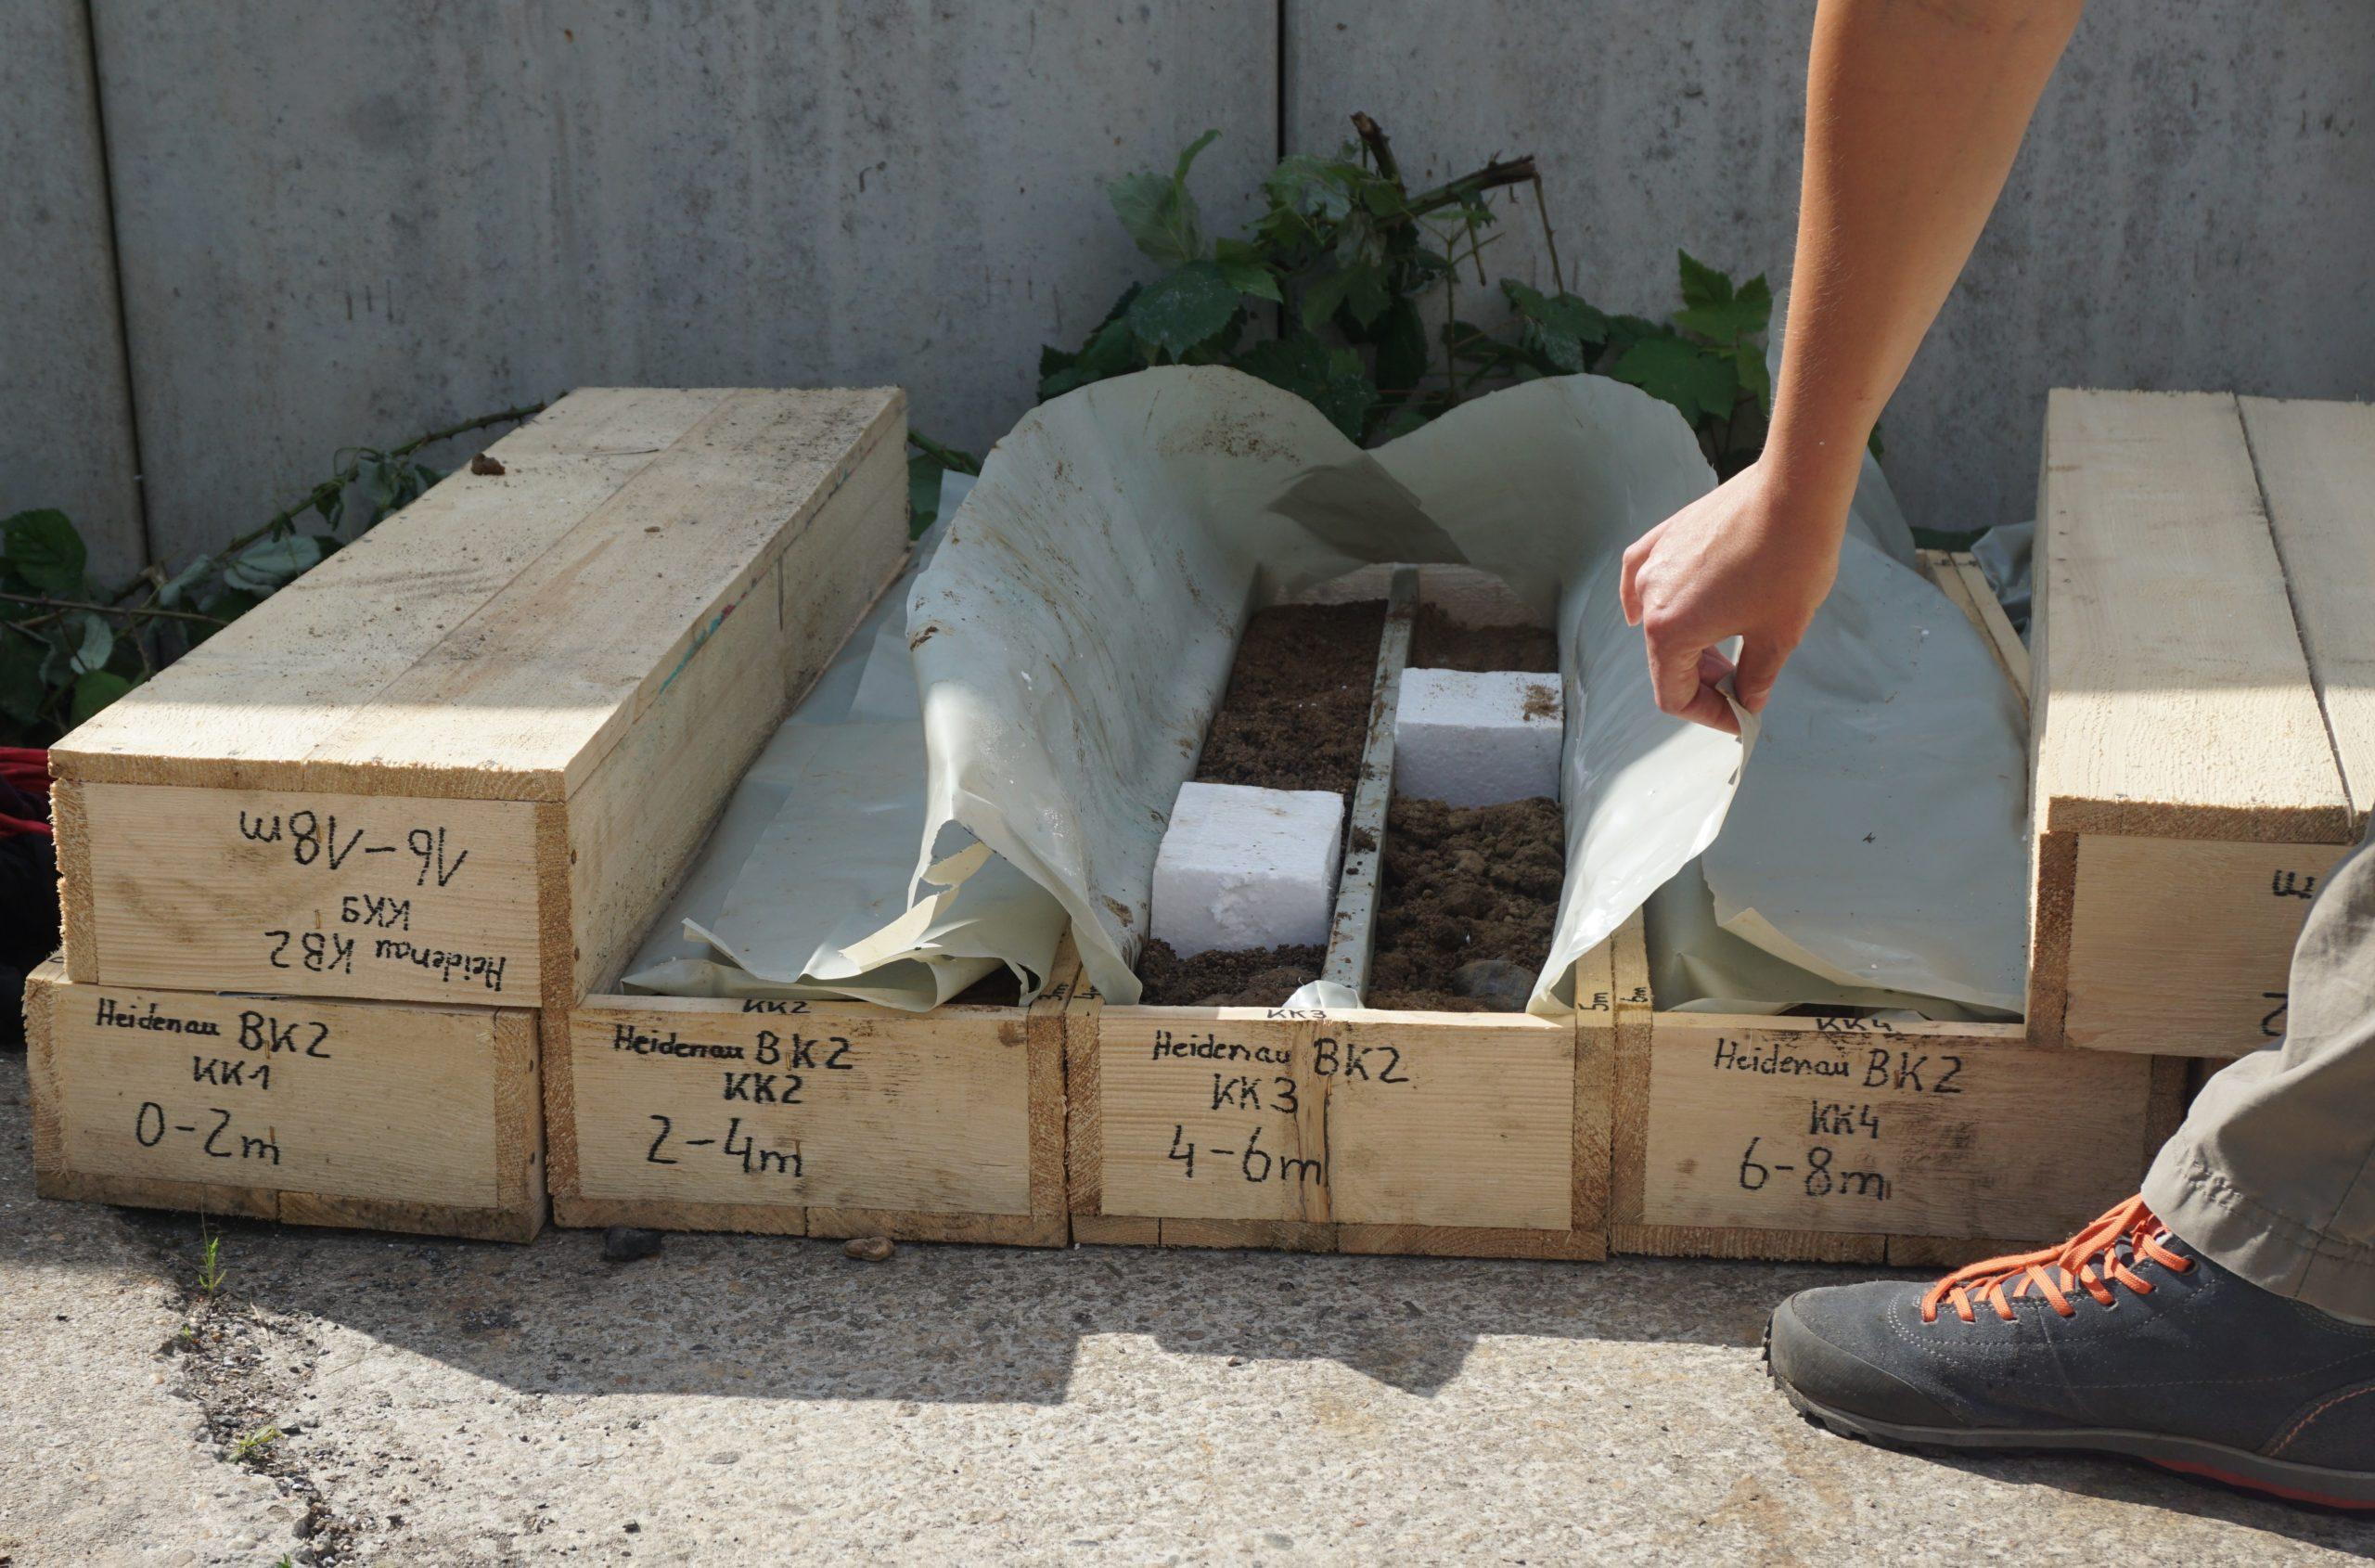 Bohrkernkisten der ersten Bohrung im Gewerbegebiet Heidena (DB AG/Susann Holtorp)